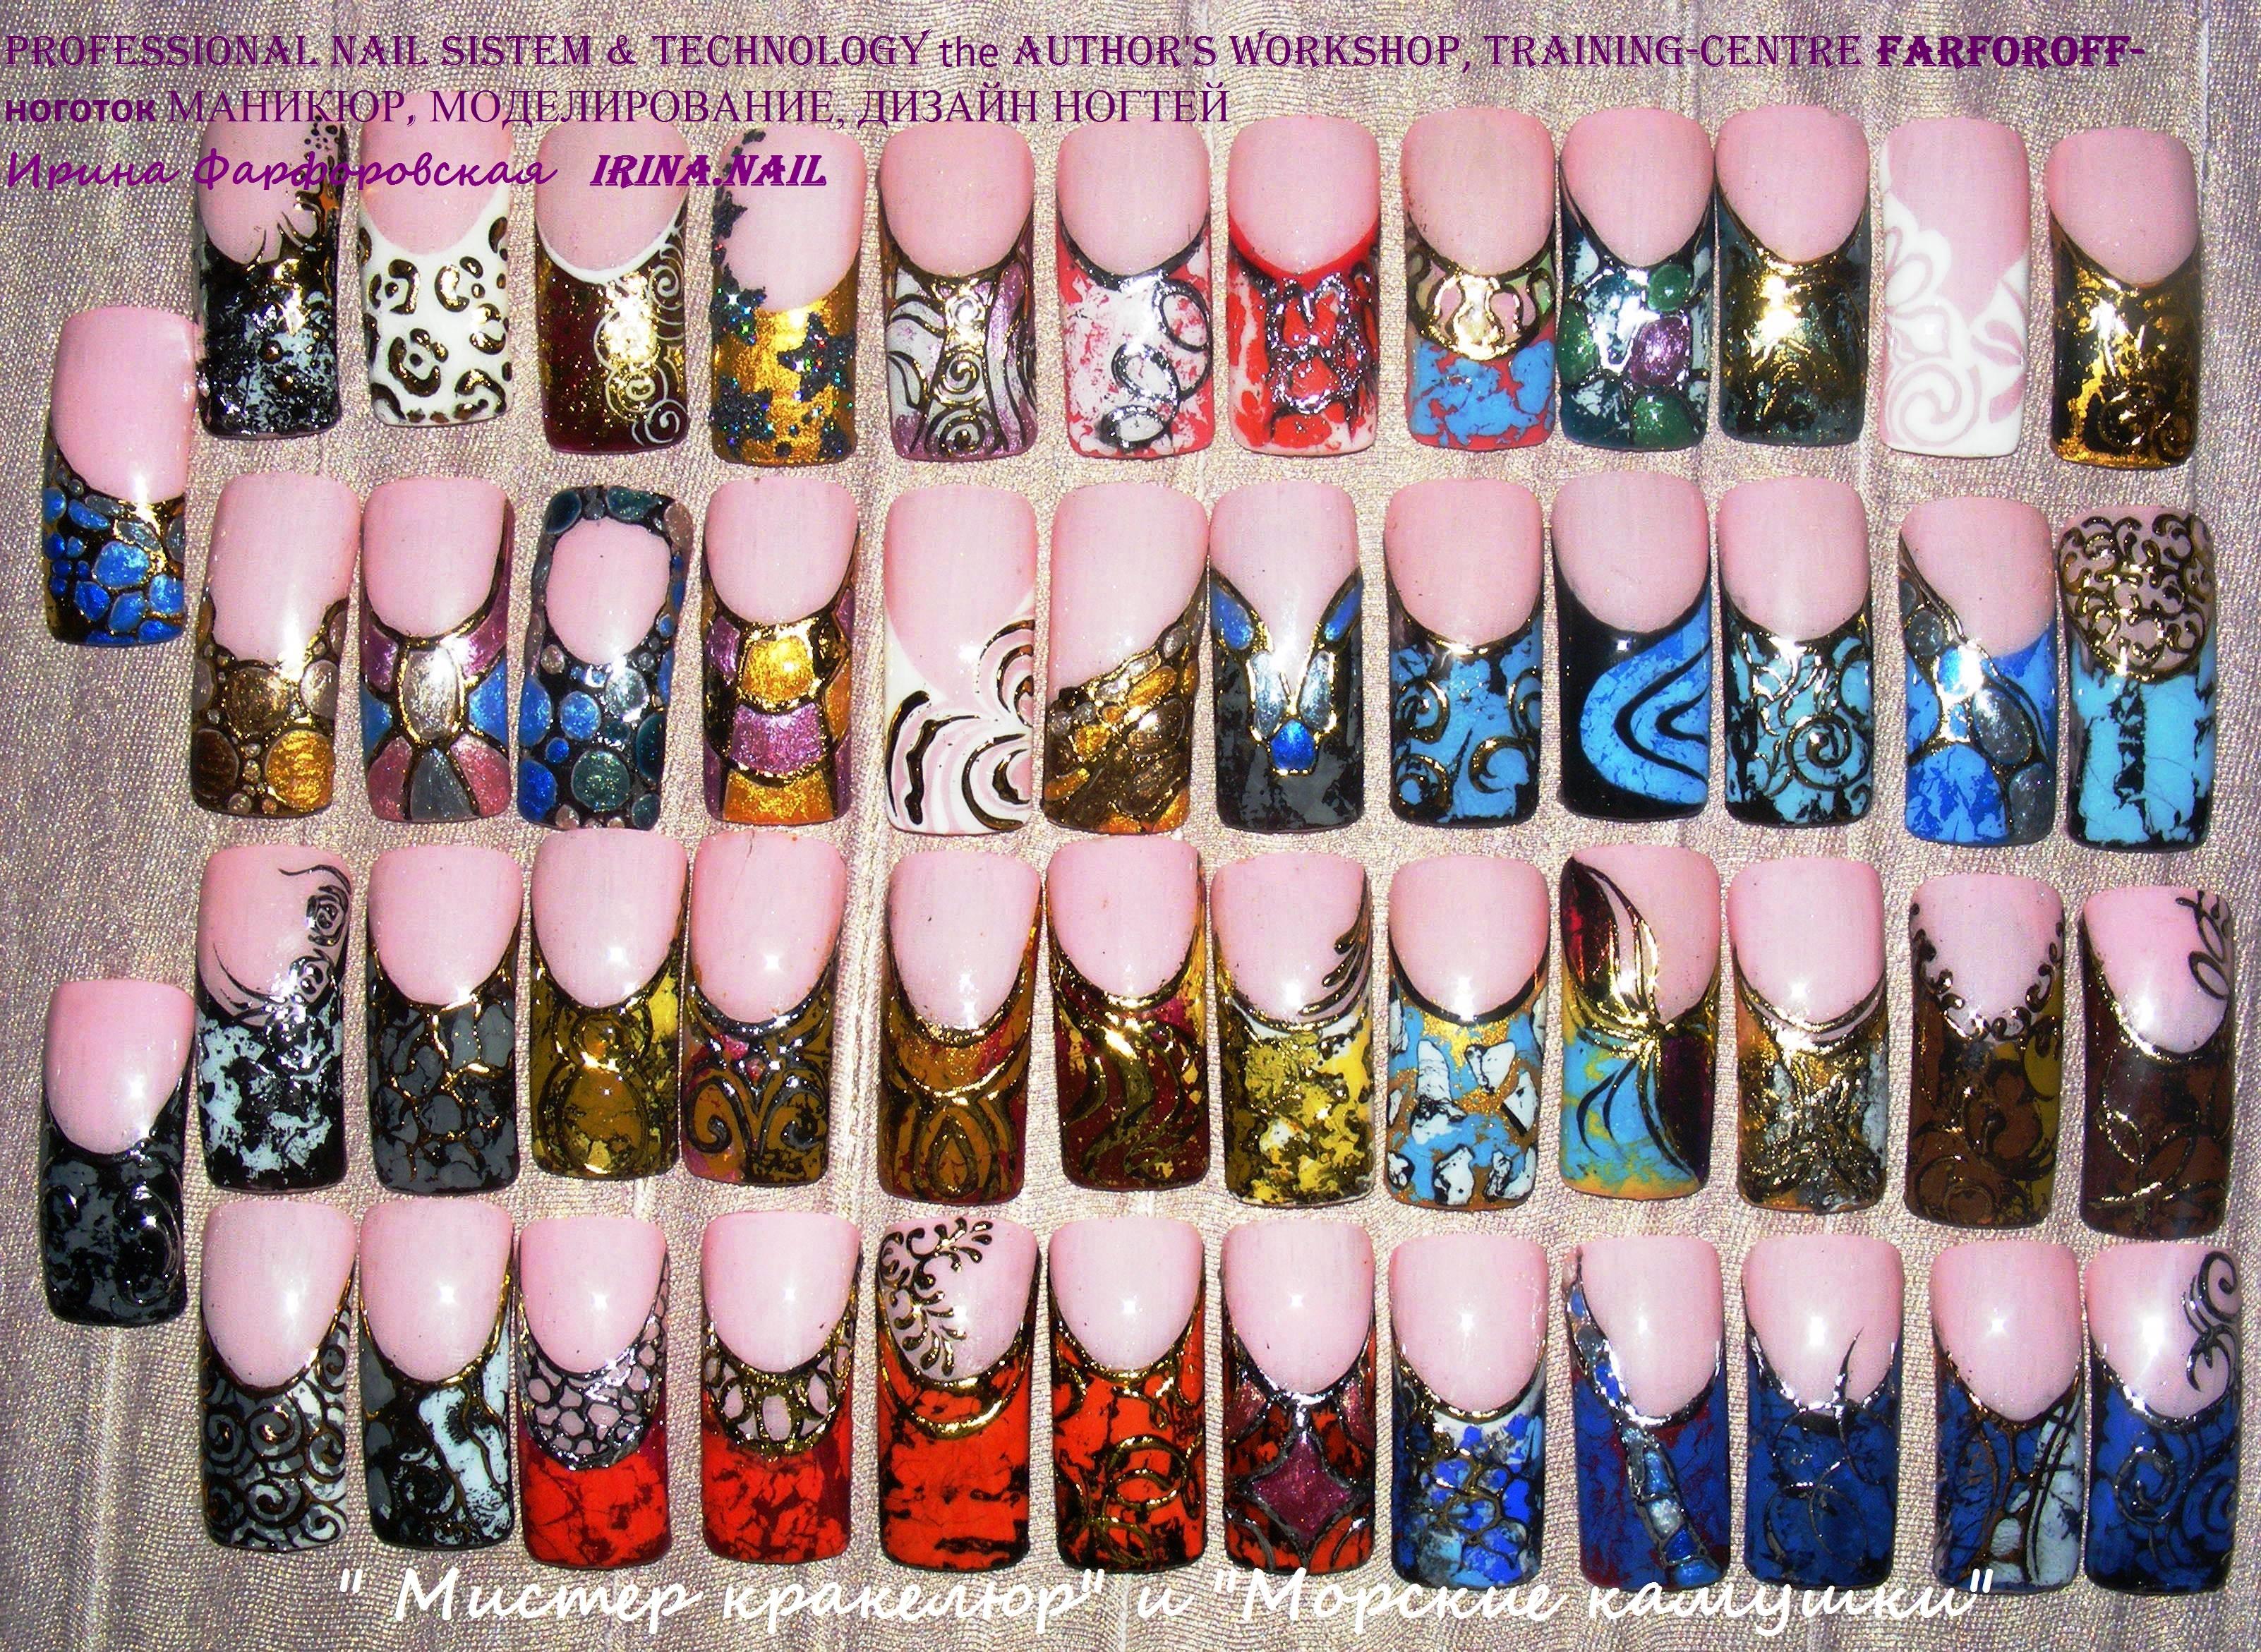 Обучение дизайну по ногтям